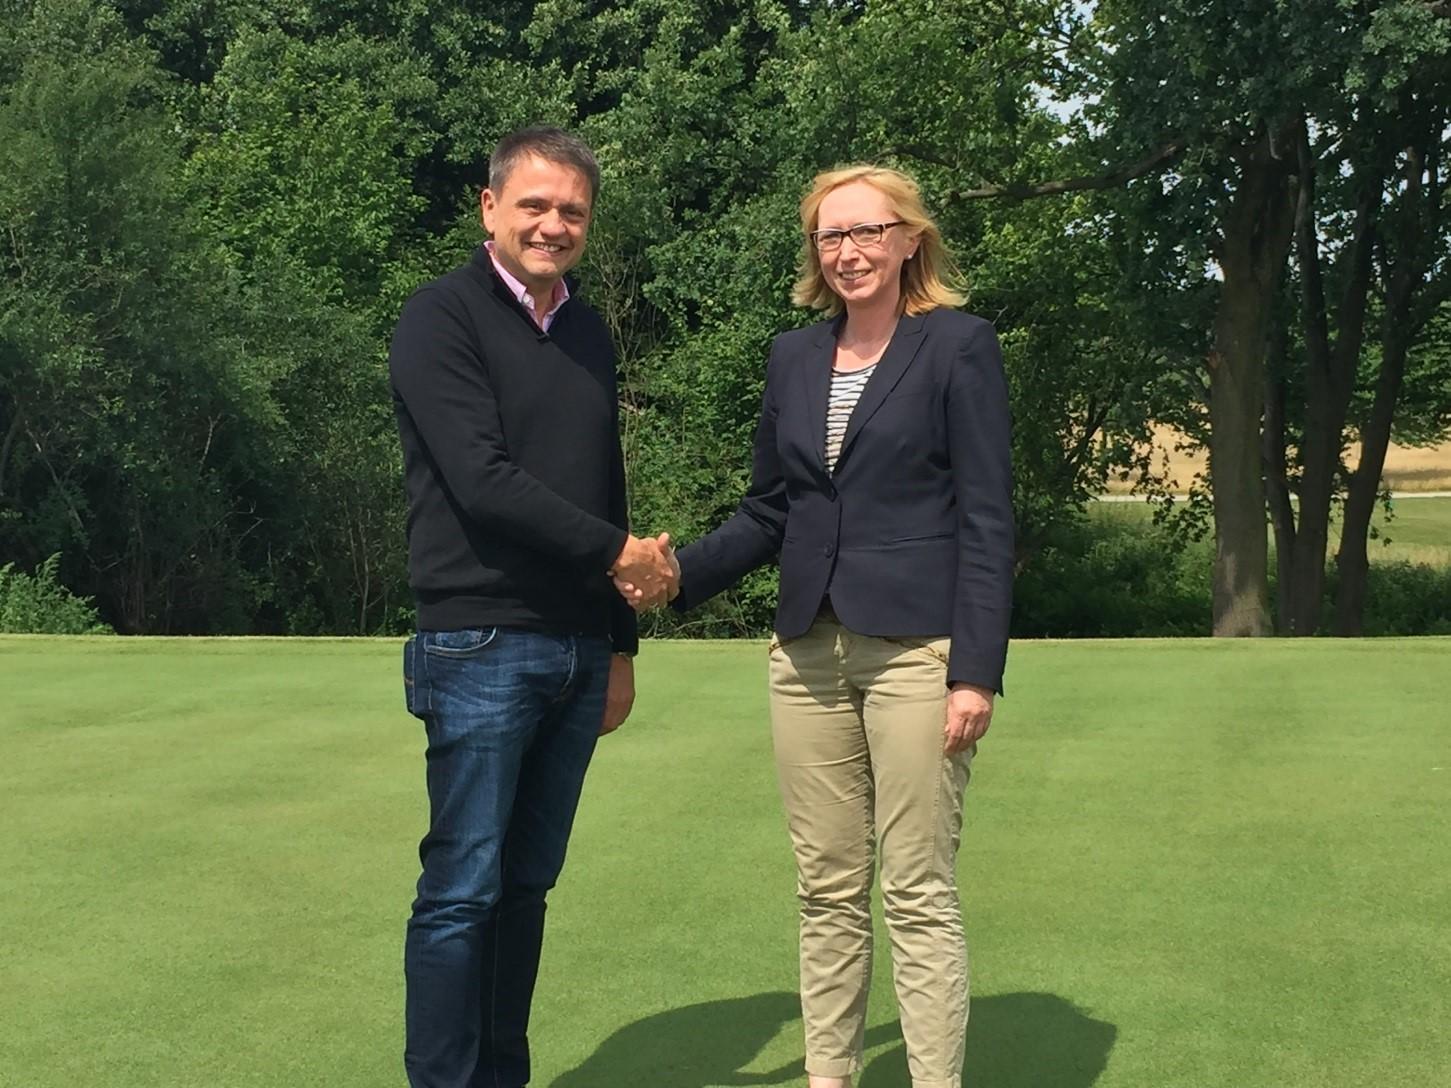 Mario Lehmann vom Privaten Internatsgymnasium Schloss Torgelow und Clubmanagerin Nicole David besiegeln die Kooperation per Handschlag.